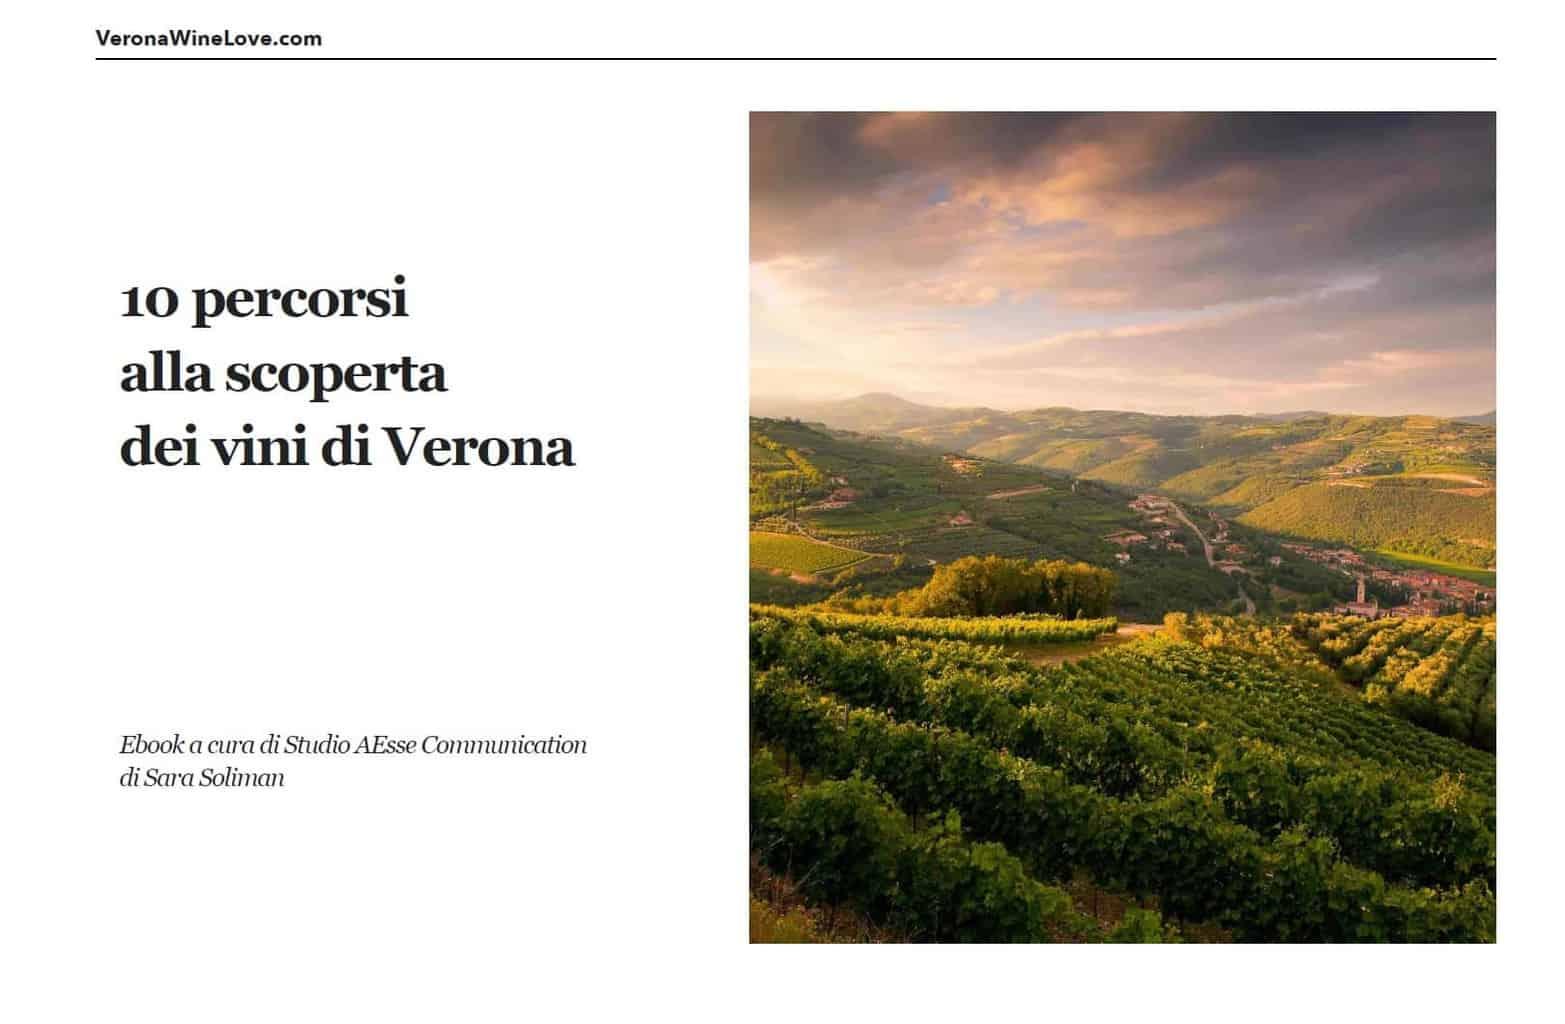 Enoturismo - Ebook di Verona Wine Love sulle Strade del Vino e i percorsi di enoturismo nella provincia di Verona - 2019